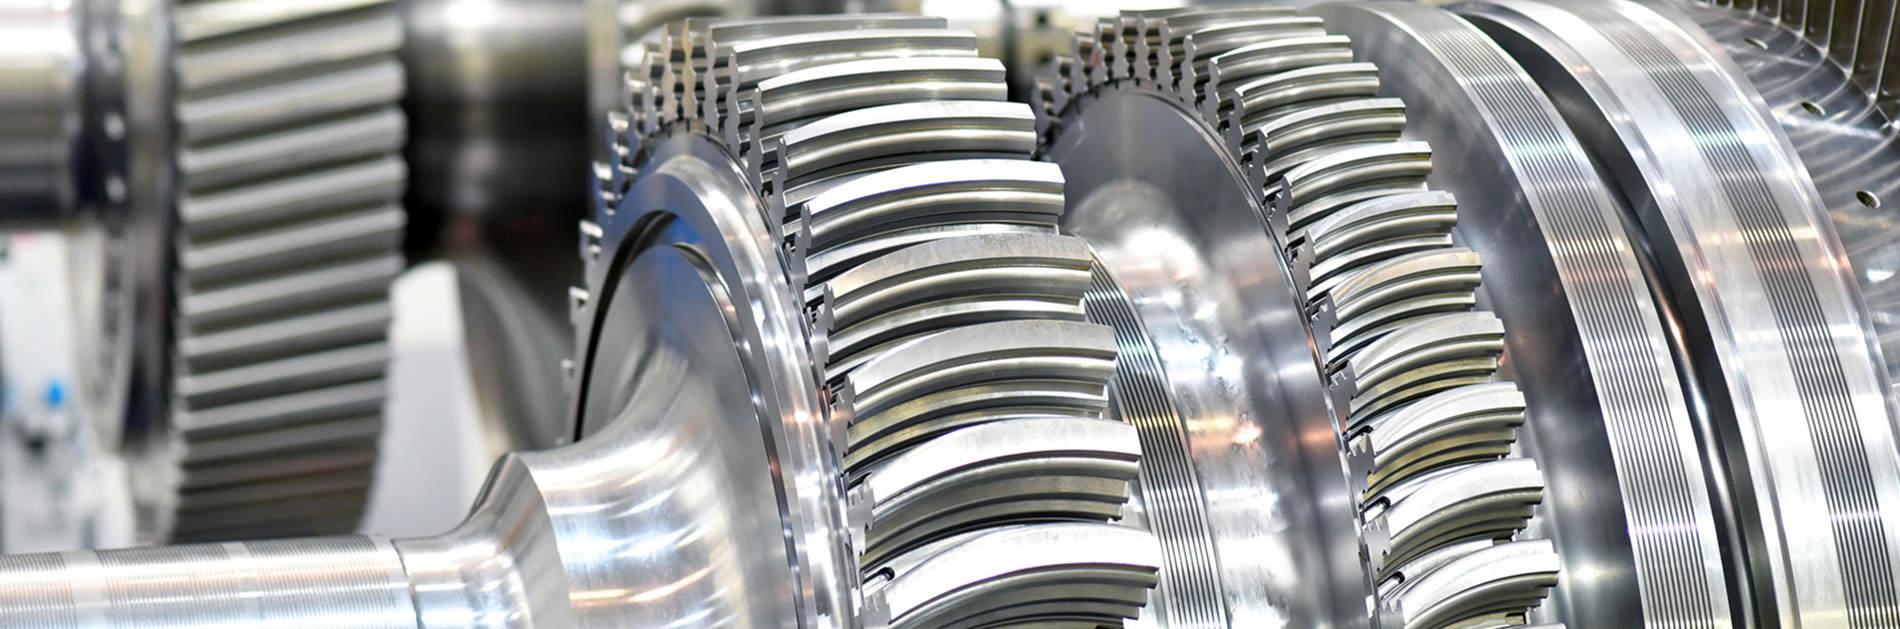 lamep-macchine-industriali